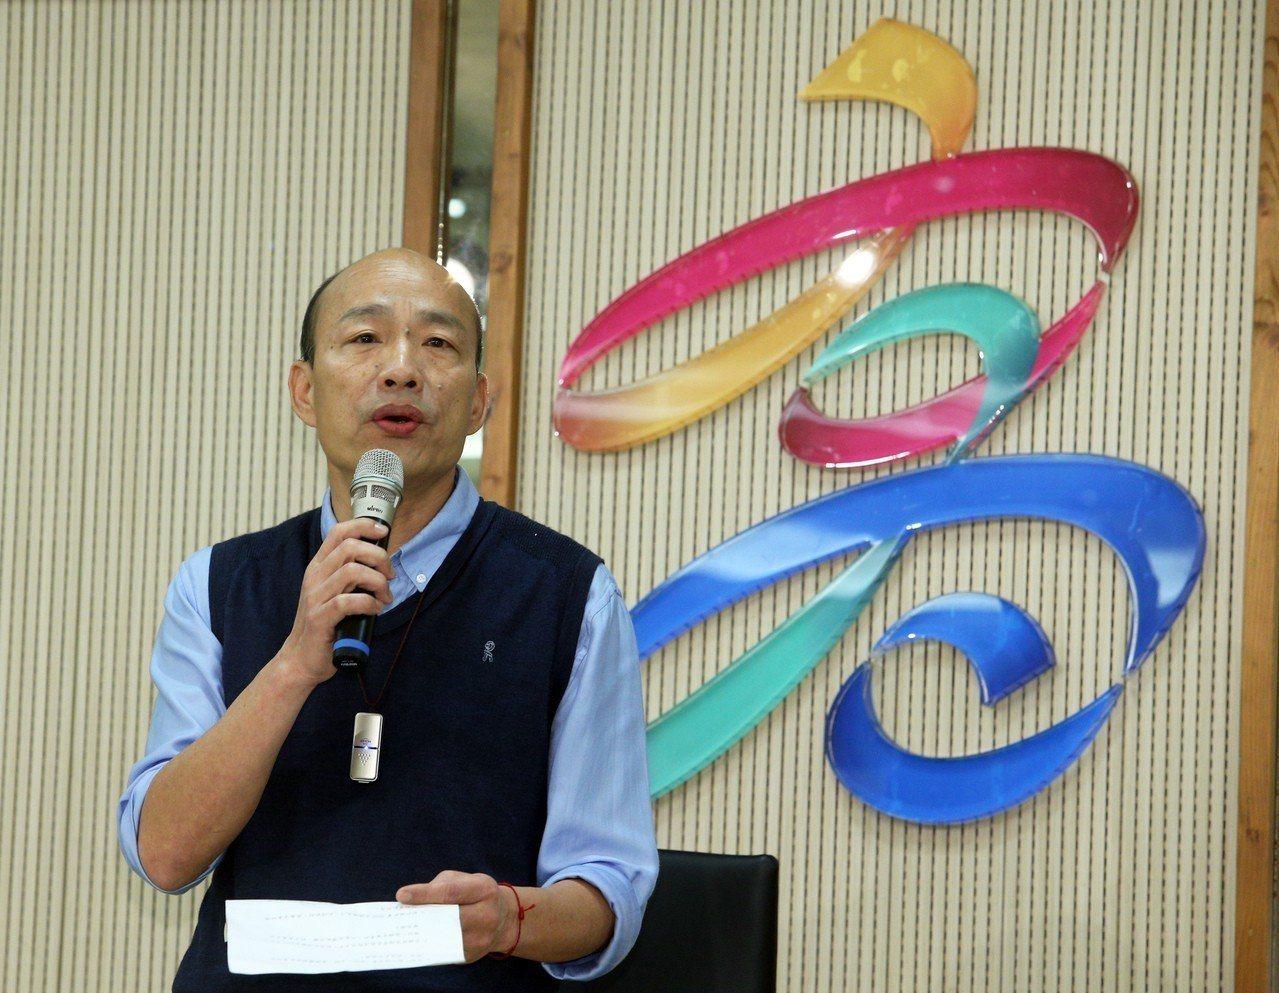 對於是否投入2020總統大選,高雄市長韓國瑜今天發表聲明表示他無法參加國民黨現行...